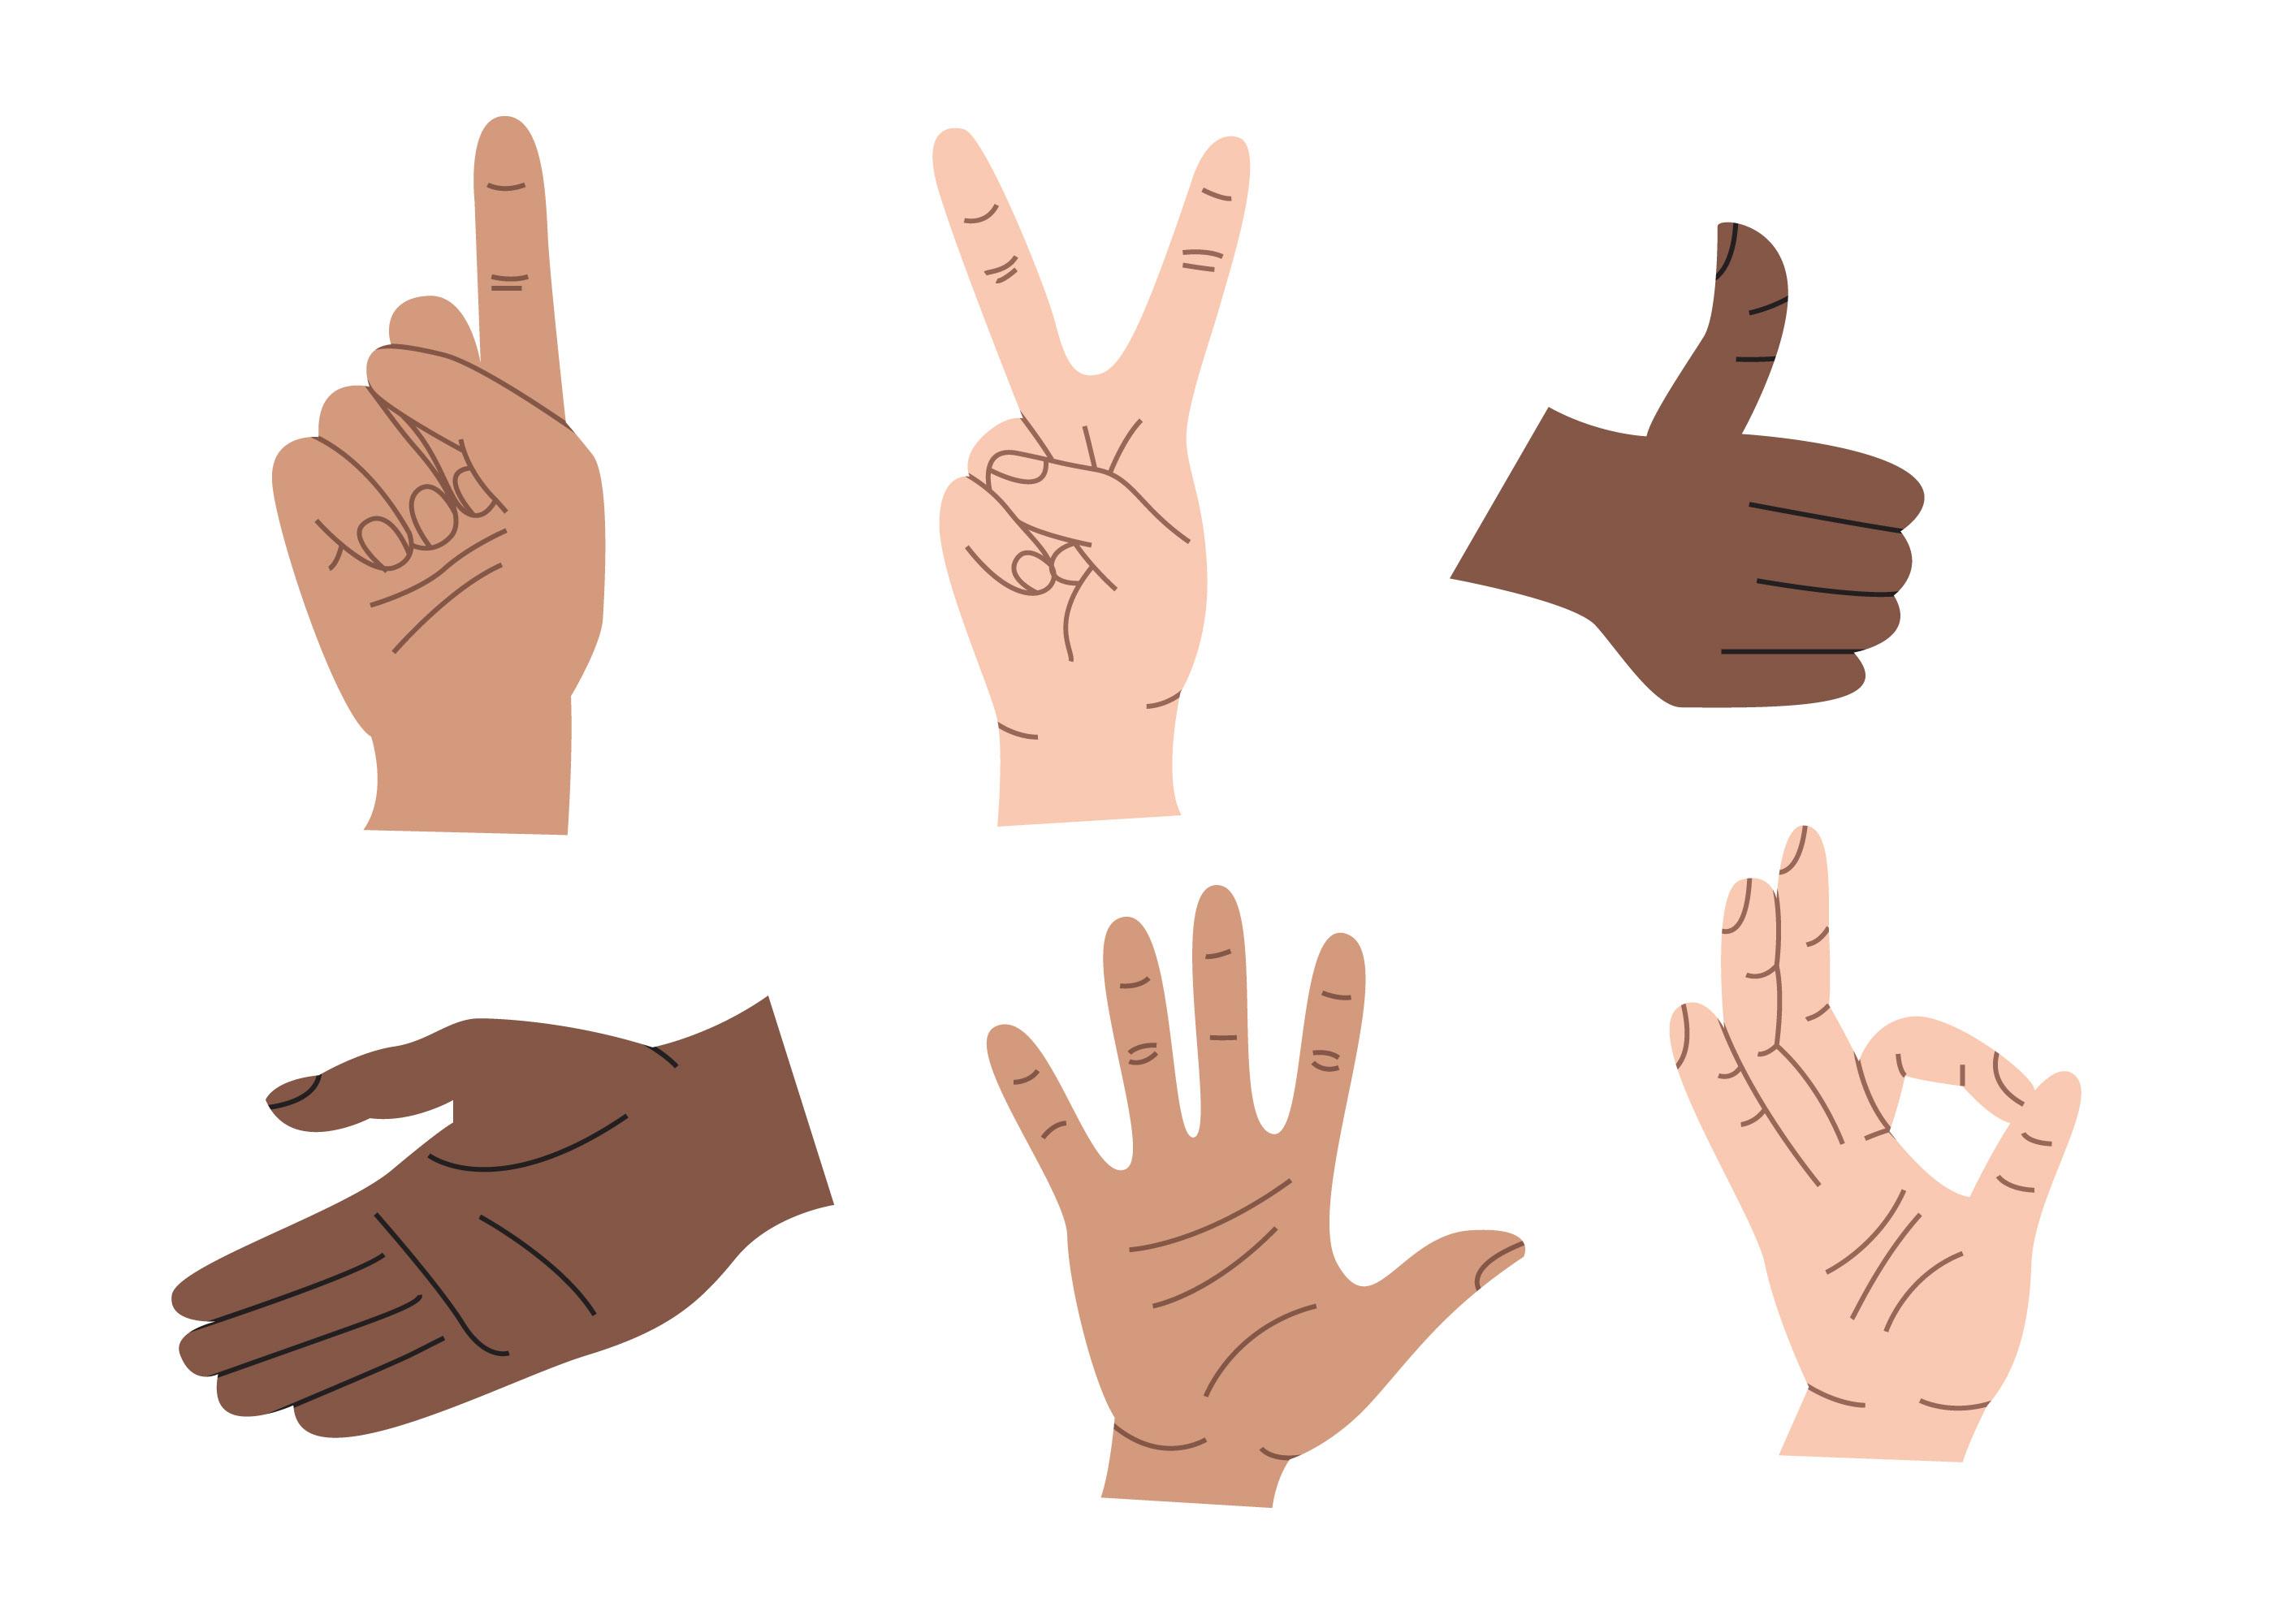 Hand Gestures Free Vector Art 8879 Free Downloads